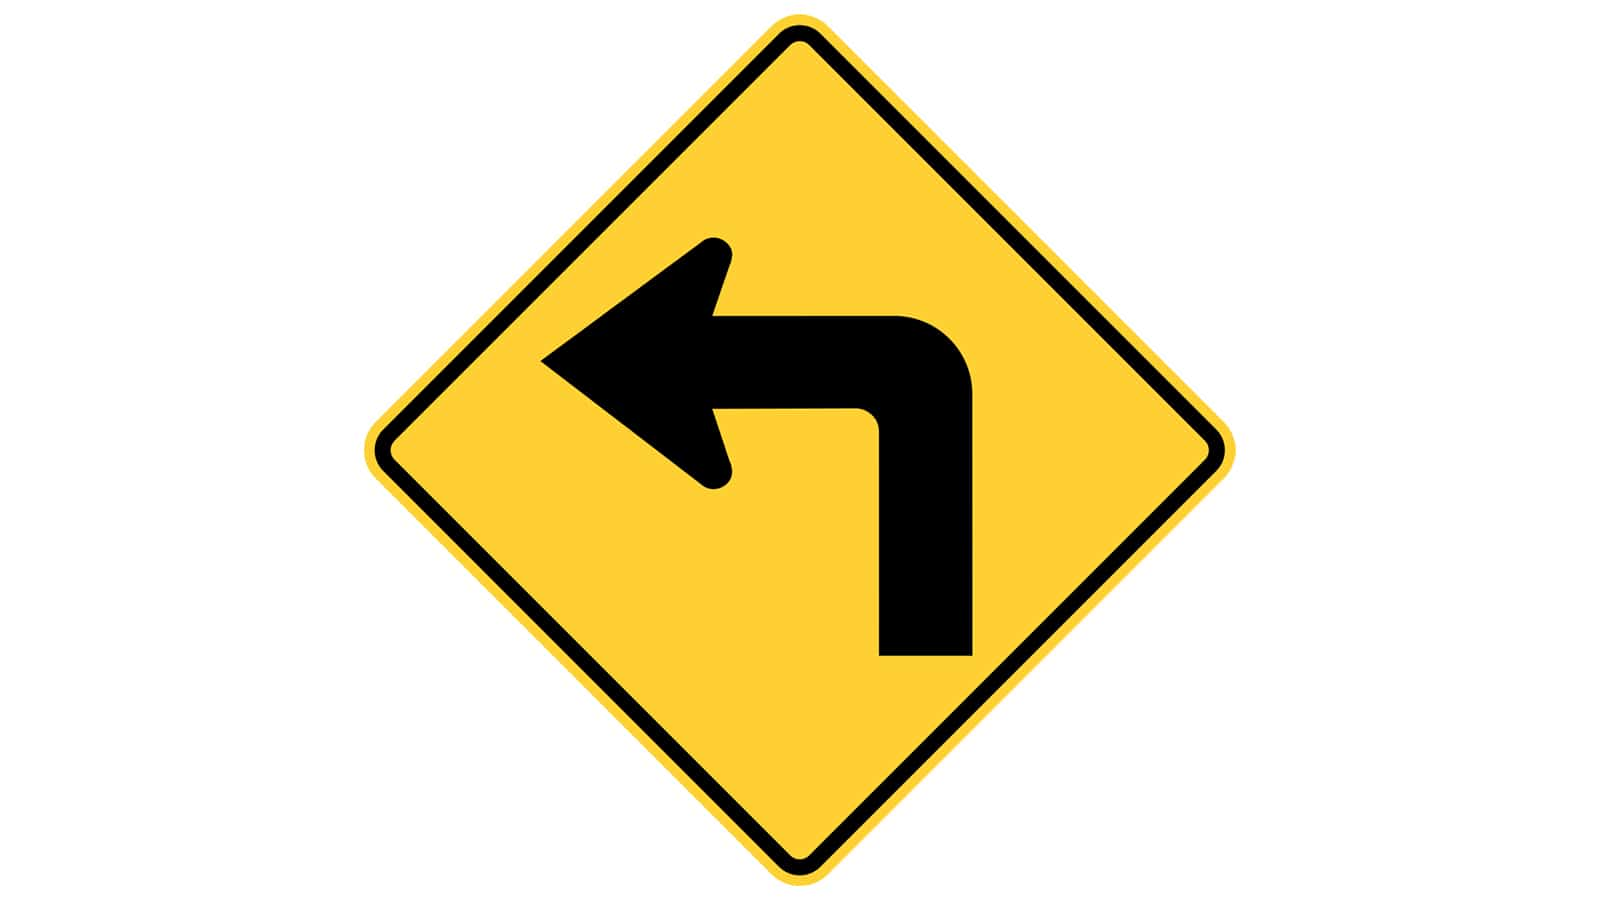 Warning sign left right